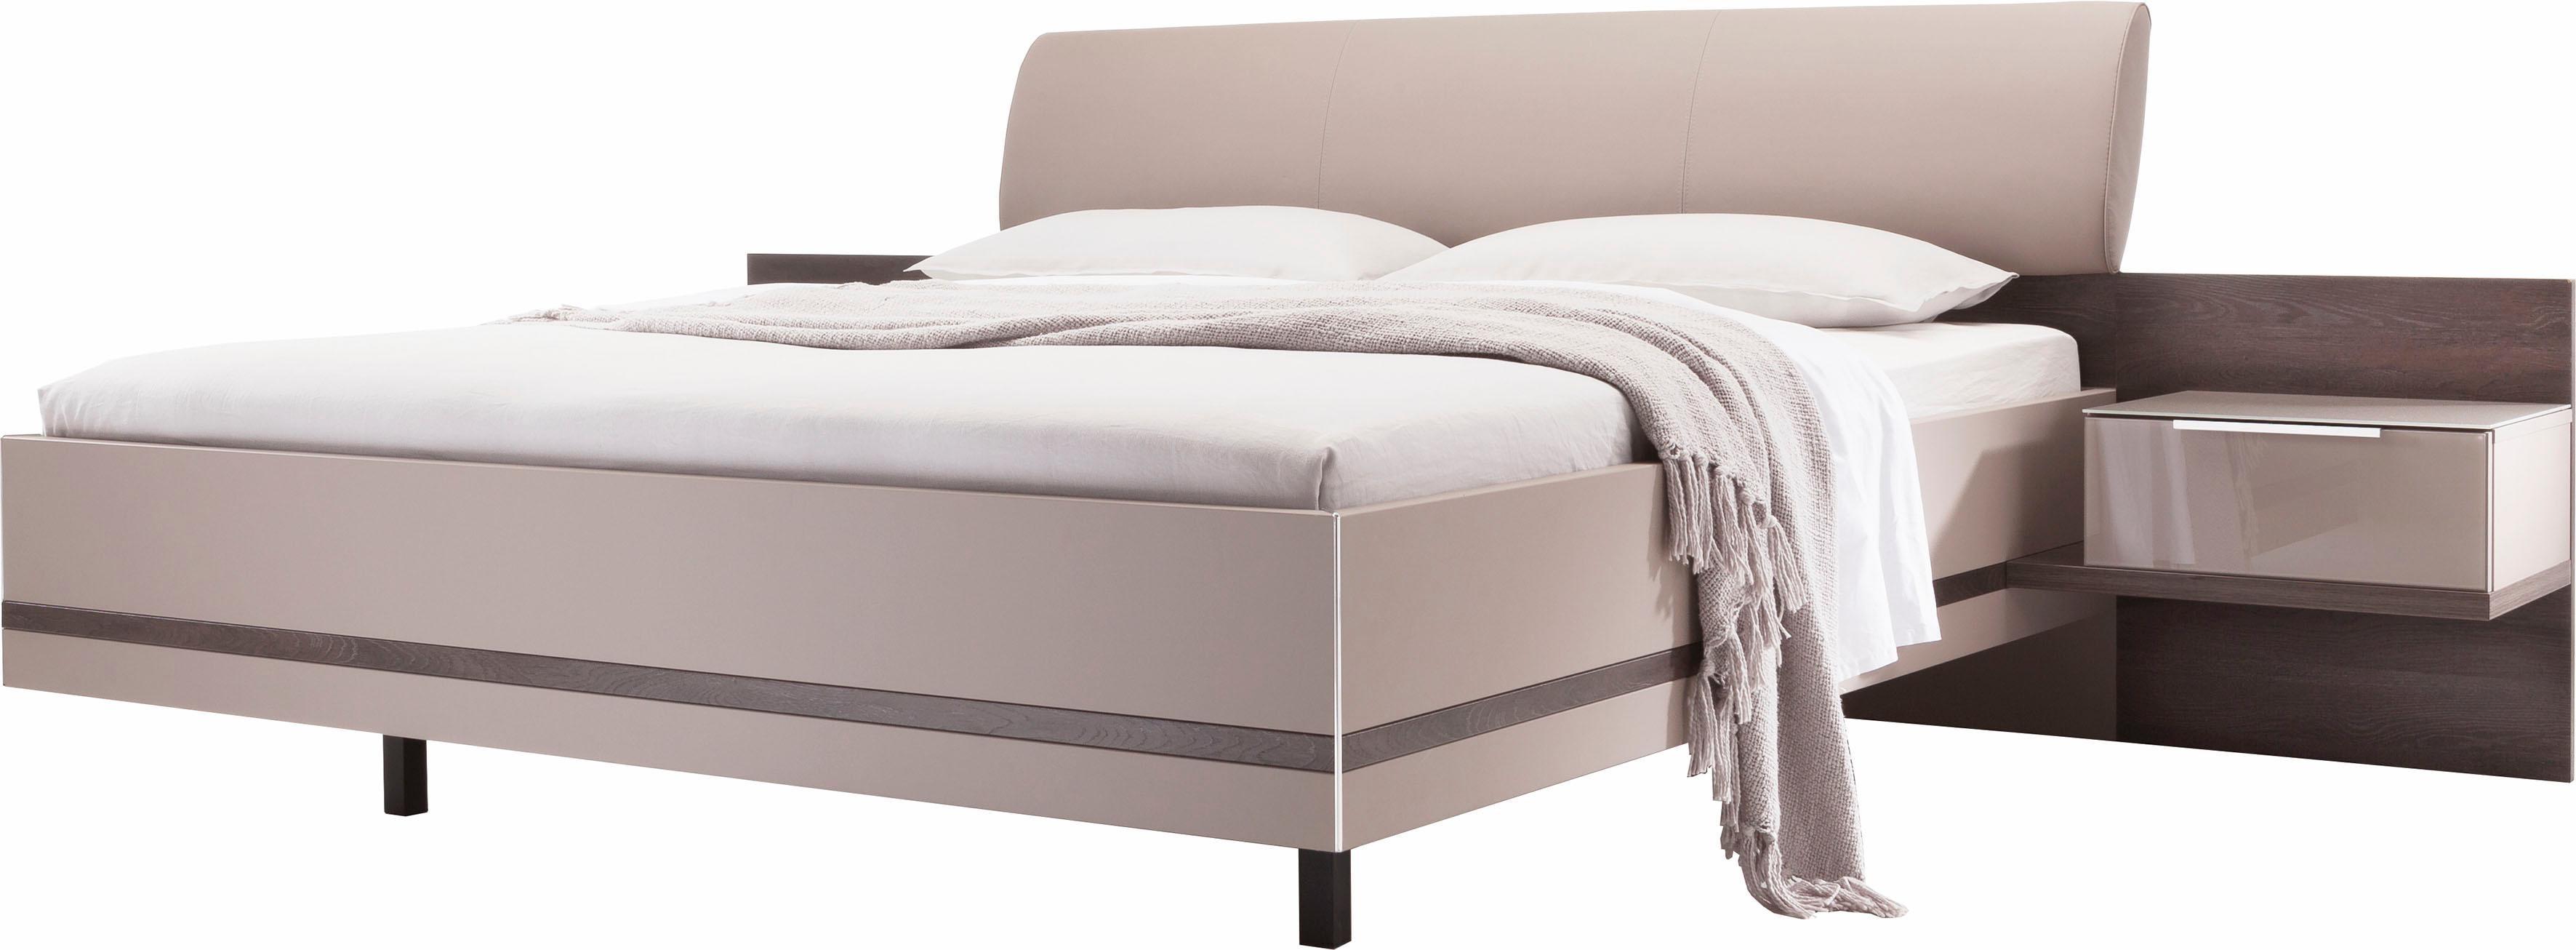 nolte Möbel Bettanlage Concept me 500A